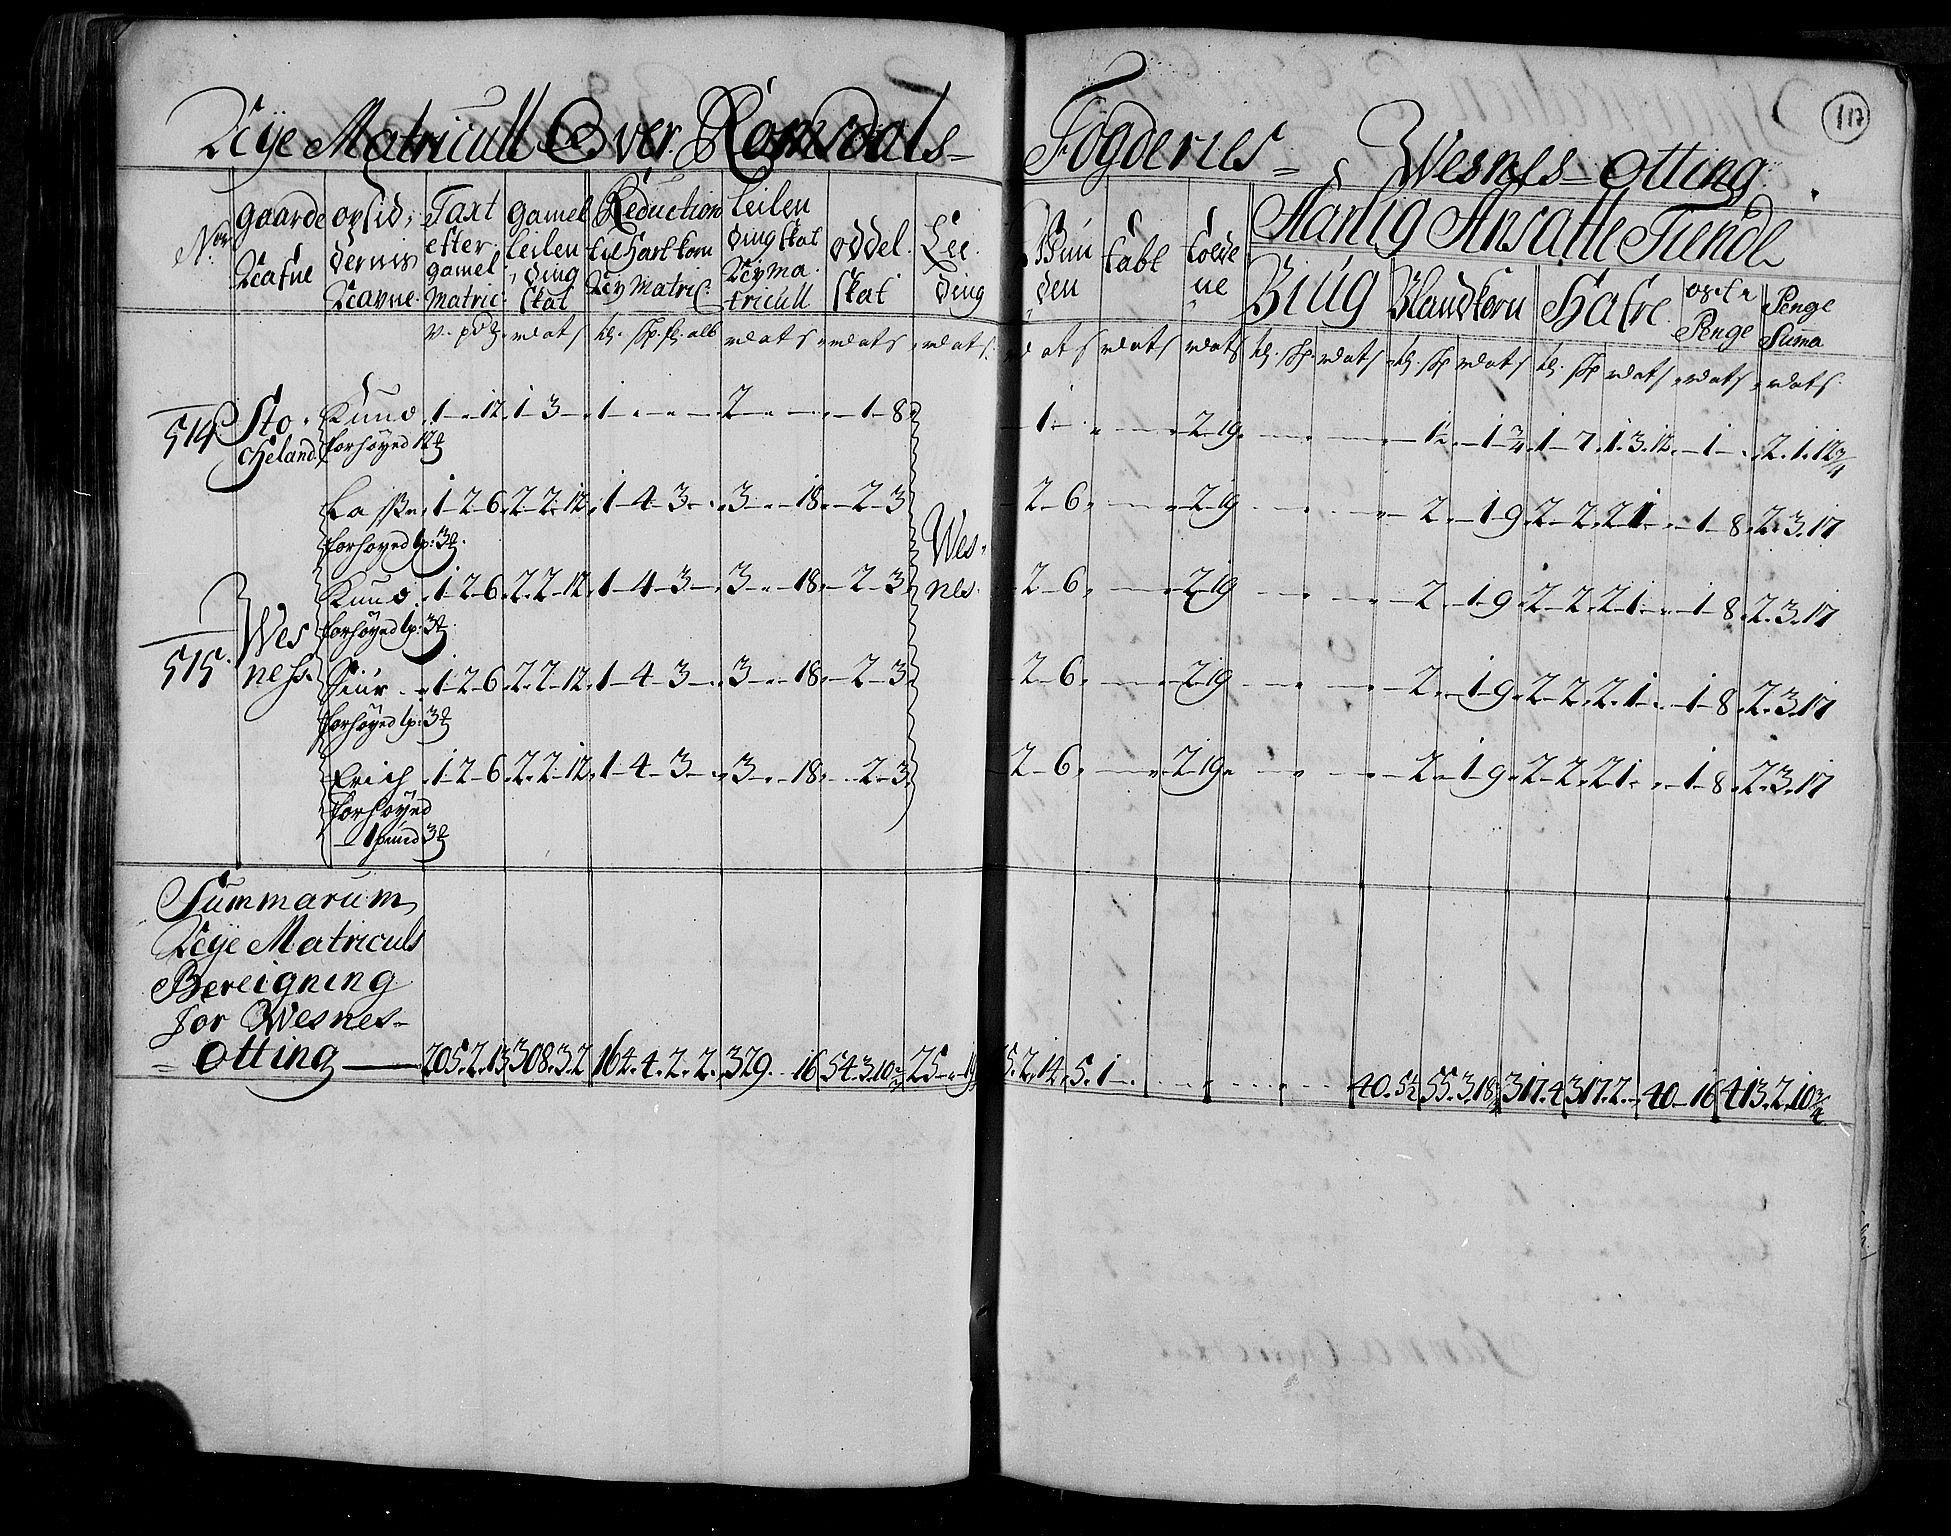 RA, Rentekammeret inntil 1814, Realistisk ordnet avdeling, N/Nb/Nbf/L0153: Romsdal matrikkelprotokoll, 1724, s. 120